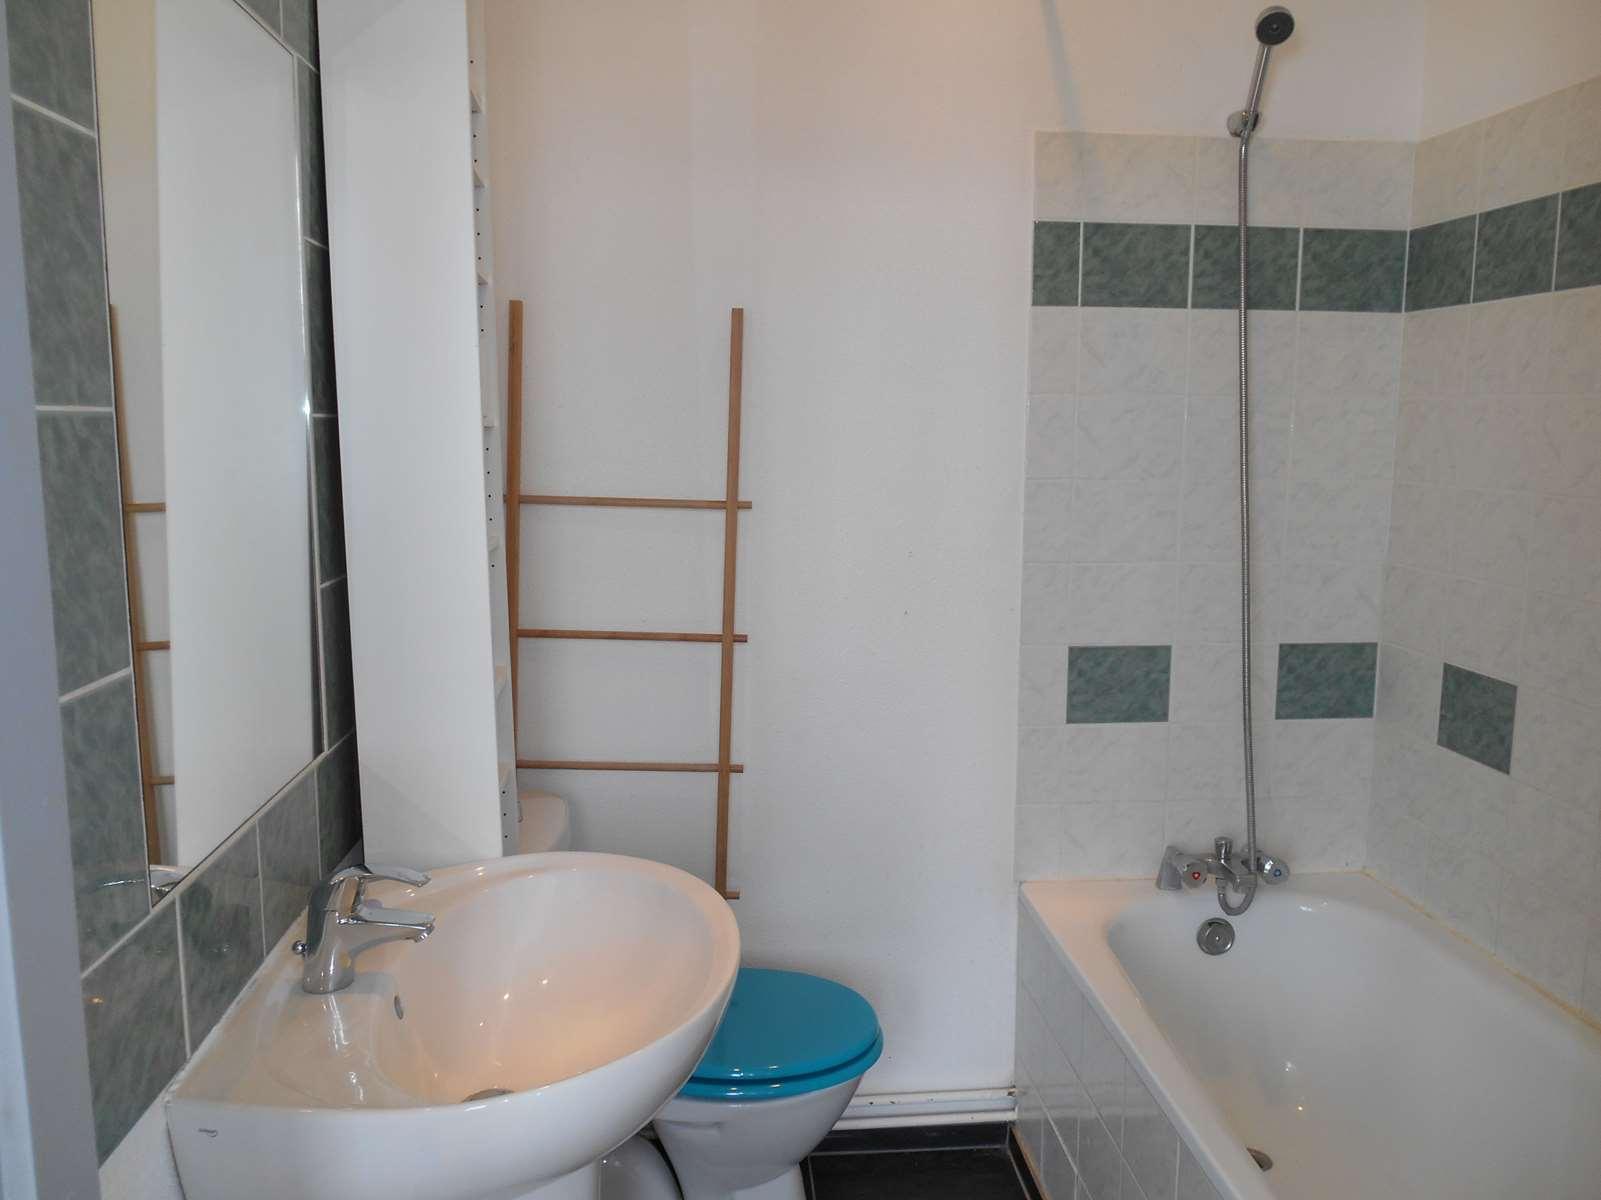 [BelleVue] 2pièces meublé en duplex - Hypercentre / rue du 22 Novembre - nos locations - Beausite Immobilier 4